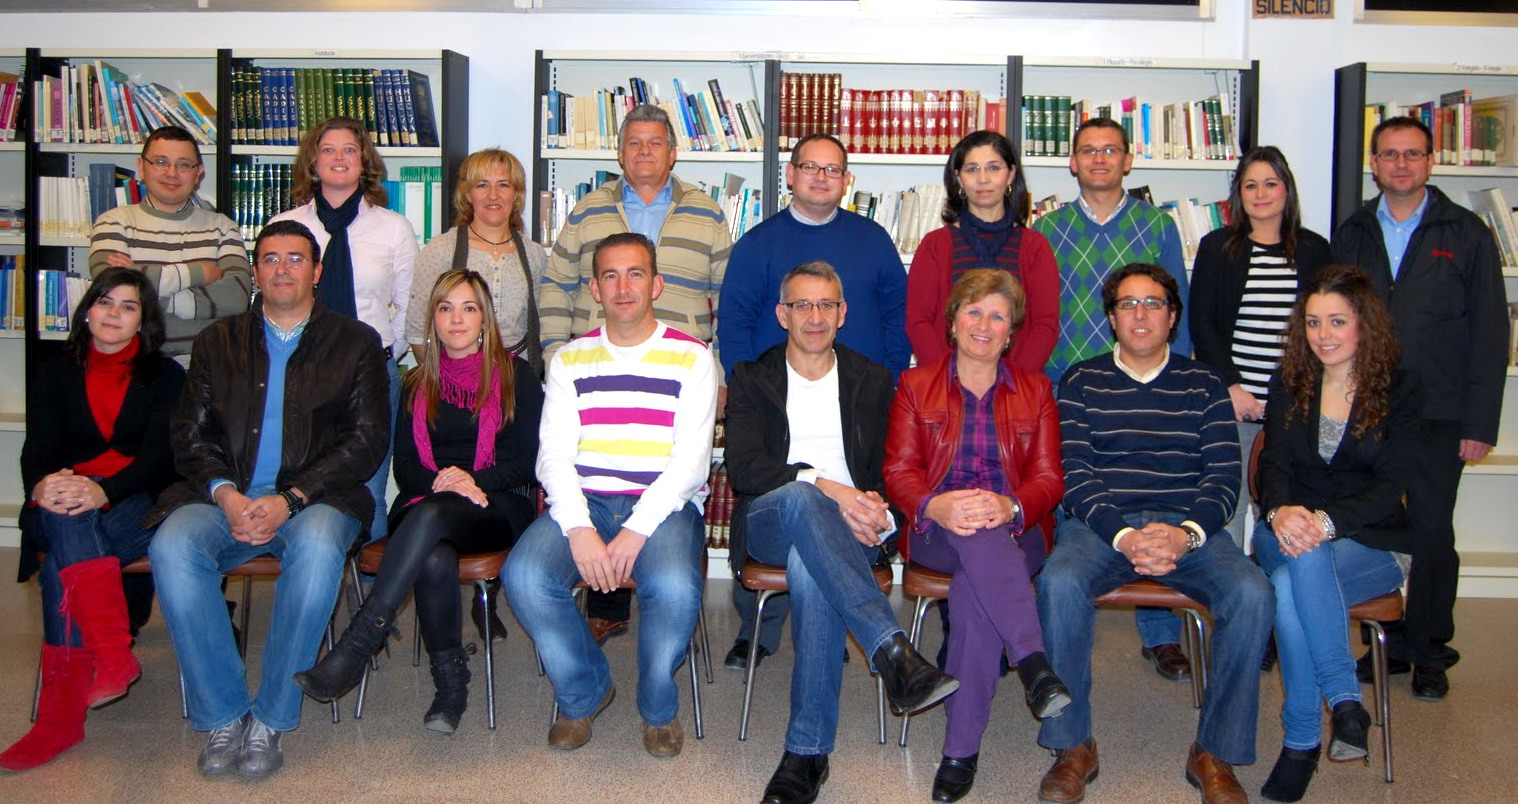 candidatura psoe elecciones 2011